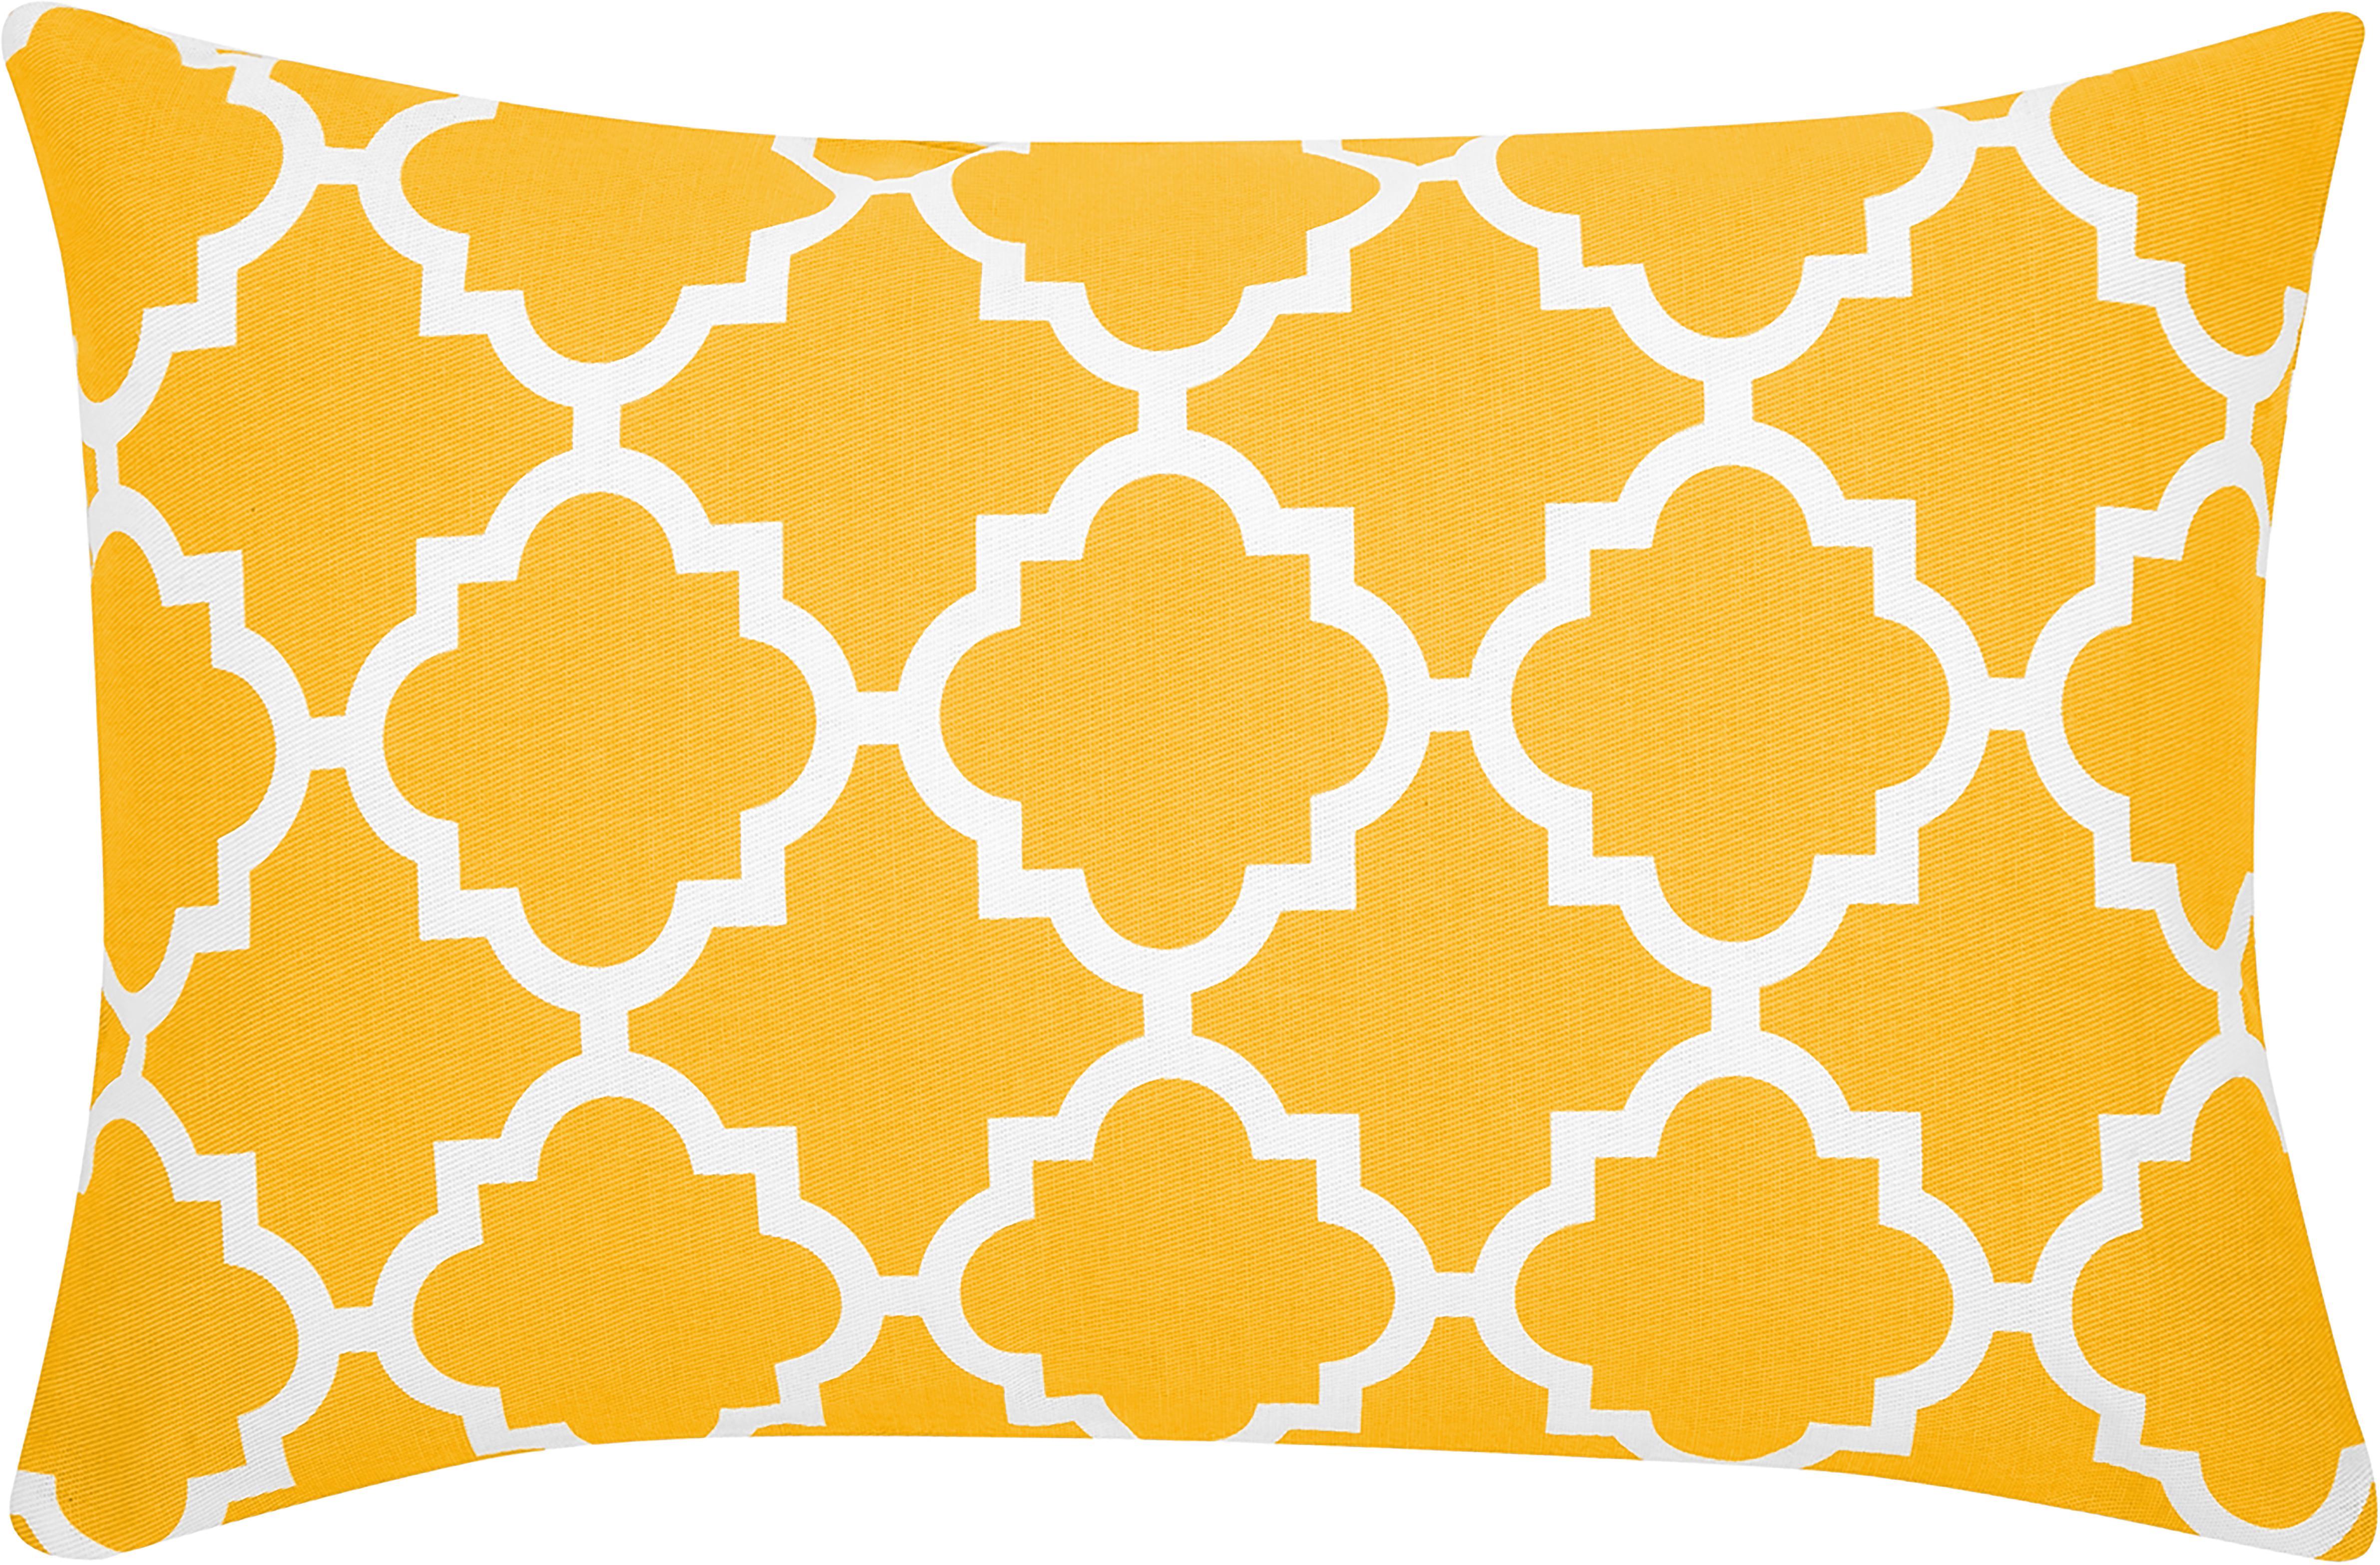 Kissenhülle Lana mit grafischem Muster, Baumwolle, Gelb, Weiß, 30 x 50 cm